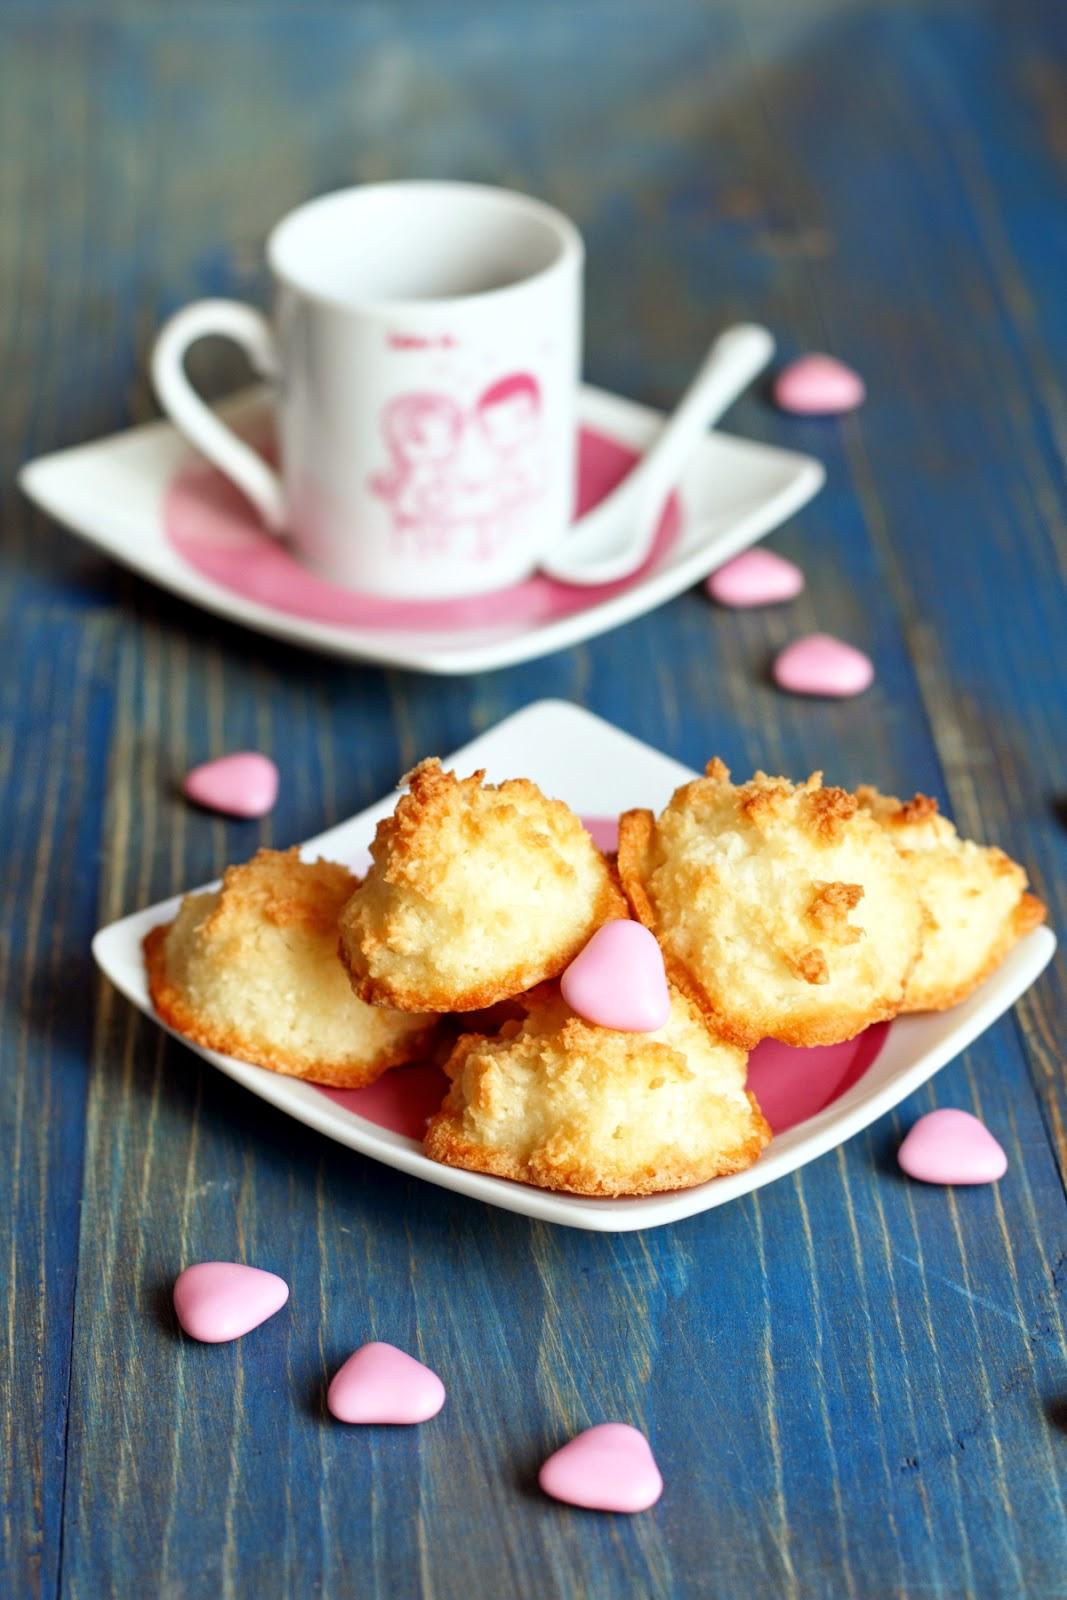 biscotti al cocco facili e veloci: gluten-free, senza grassi e senza latte!